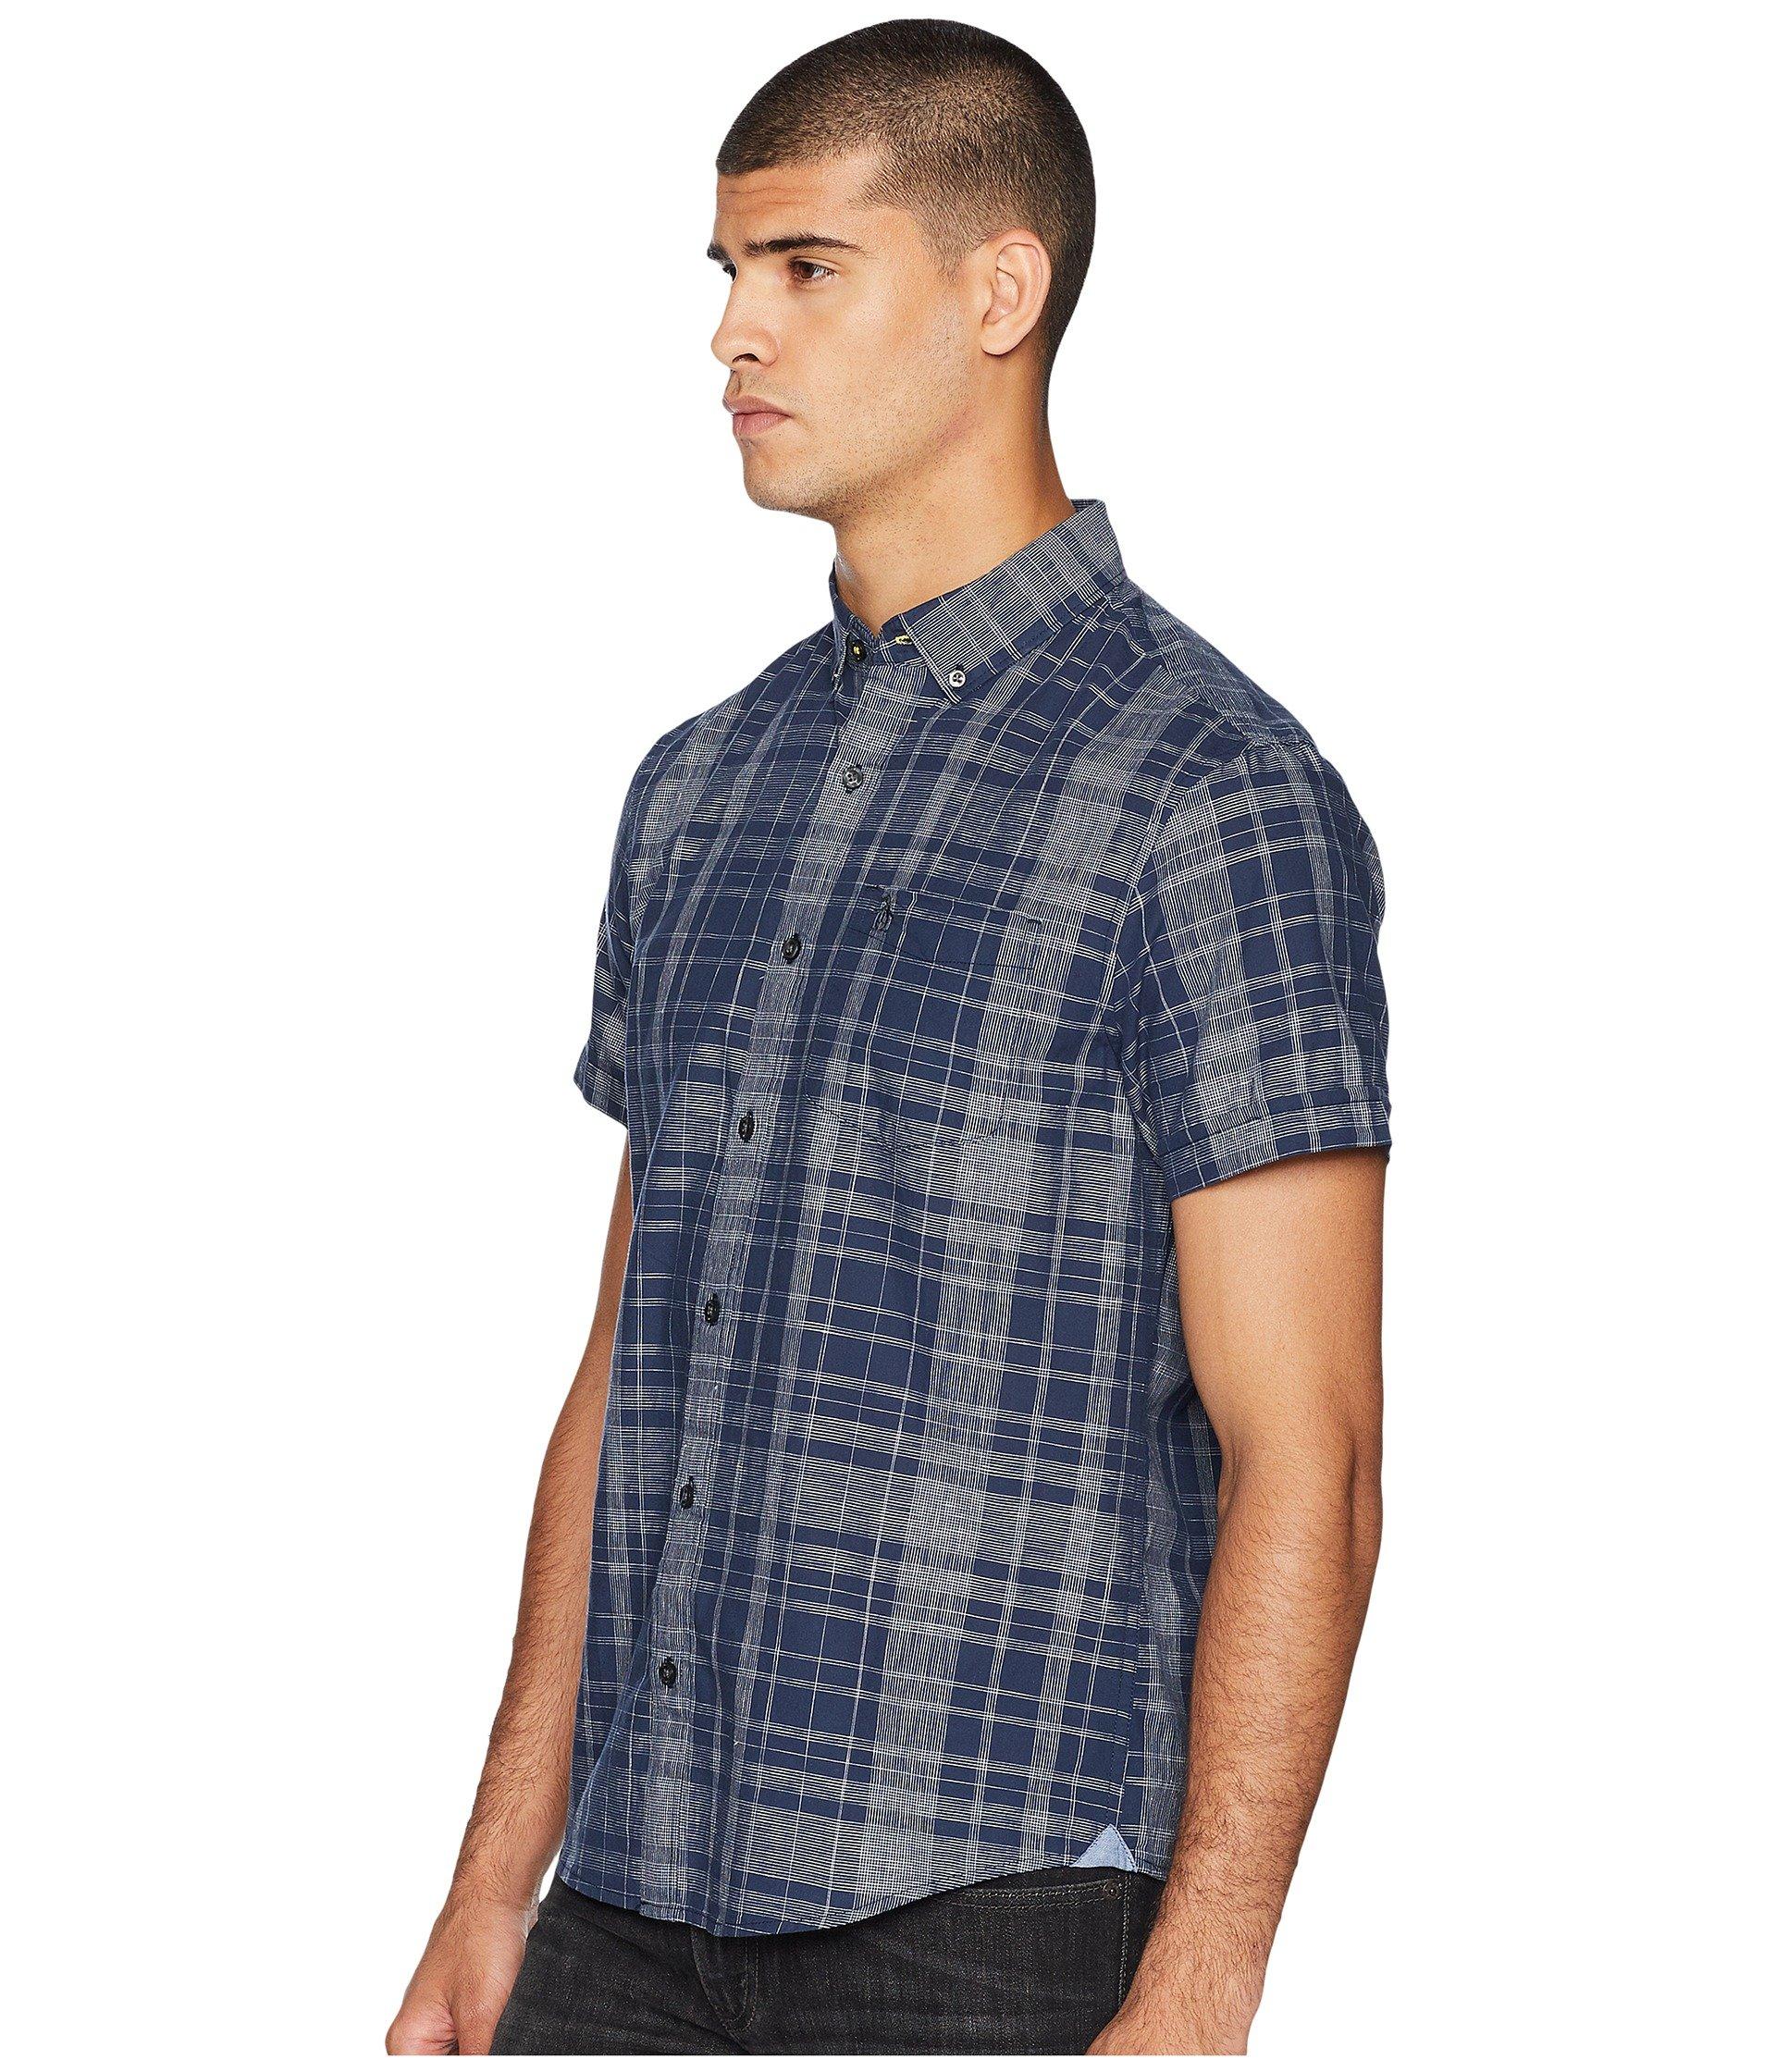 Sapphire Sleeve Short Shirt Linen Original Plaid Dark Penguin q0vU4U